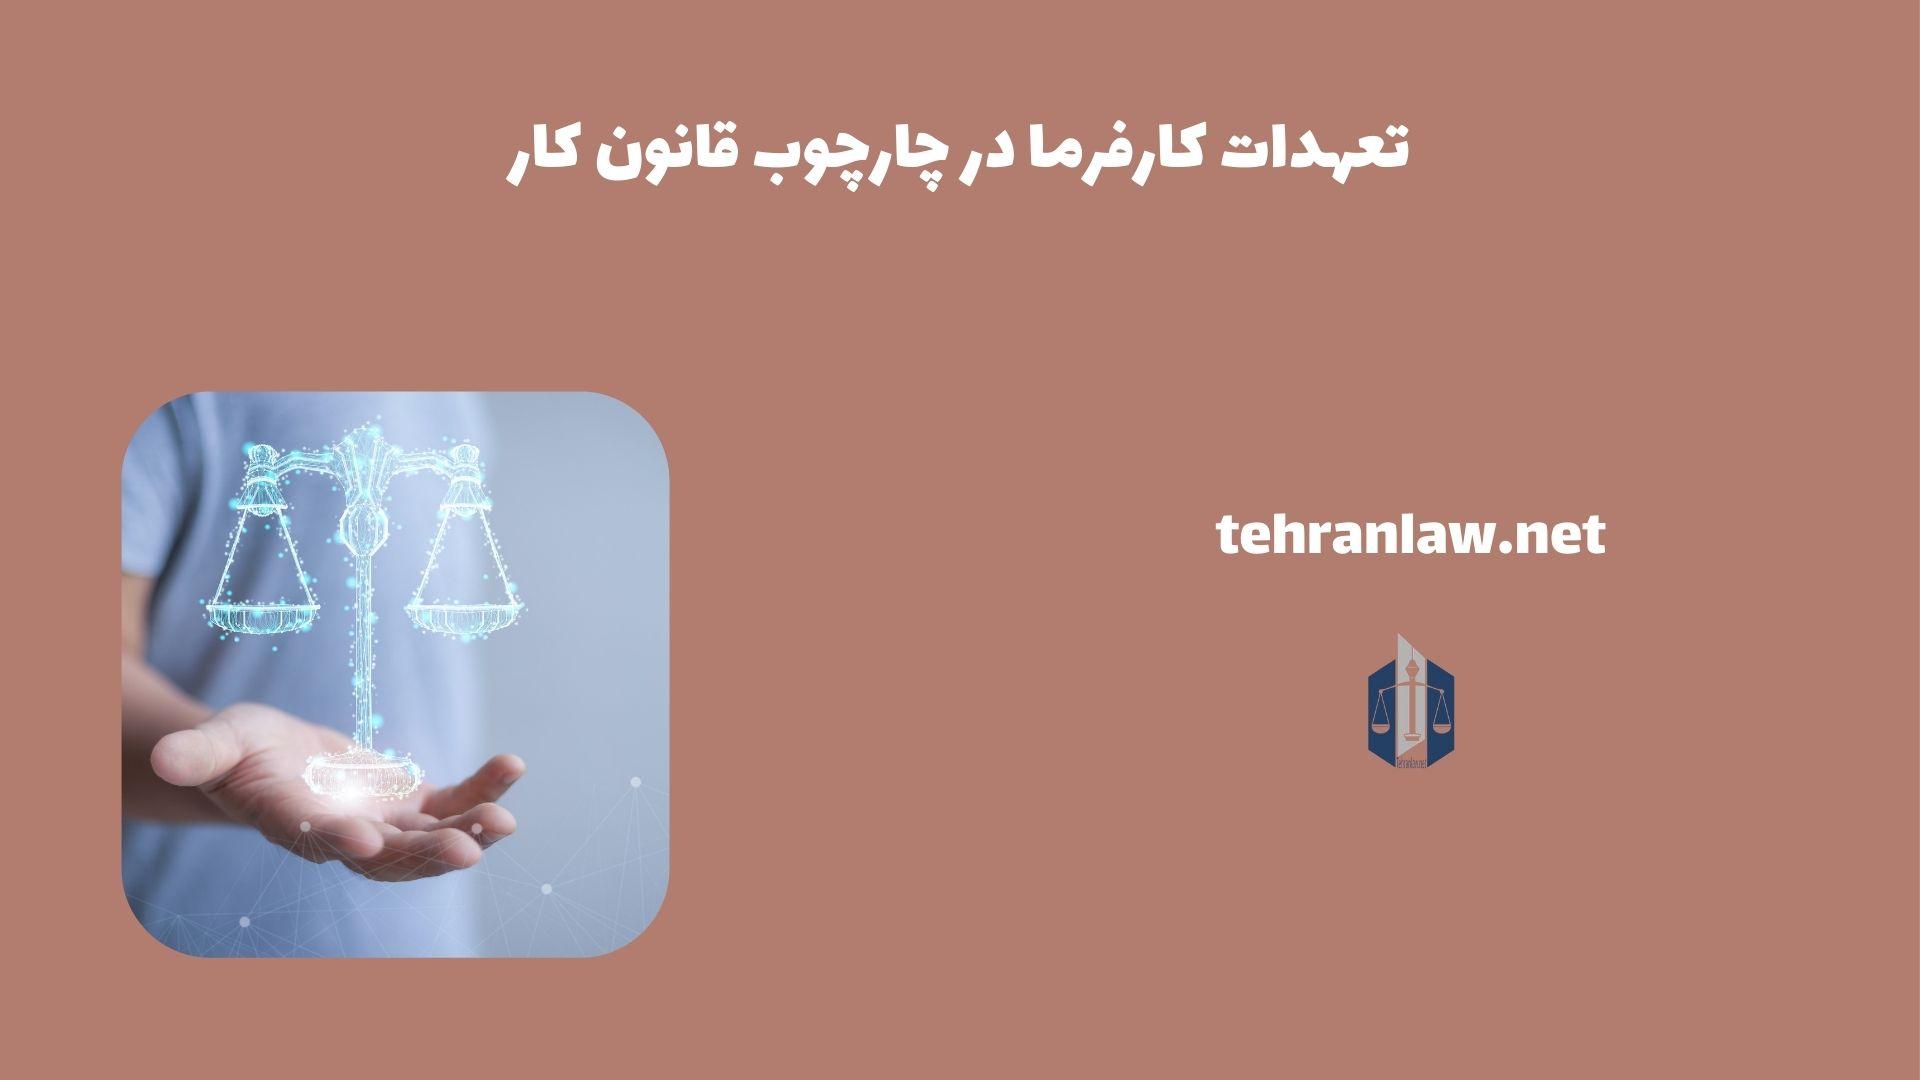 تعهدات کارفرما در چارچوب قانون کار